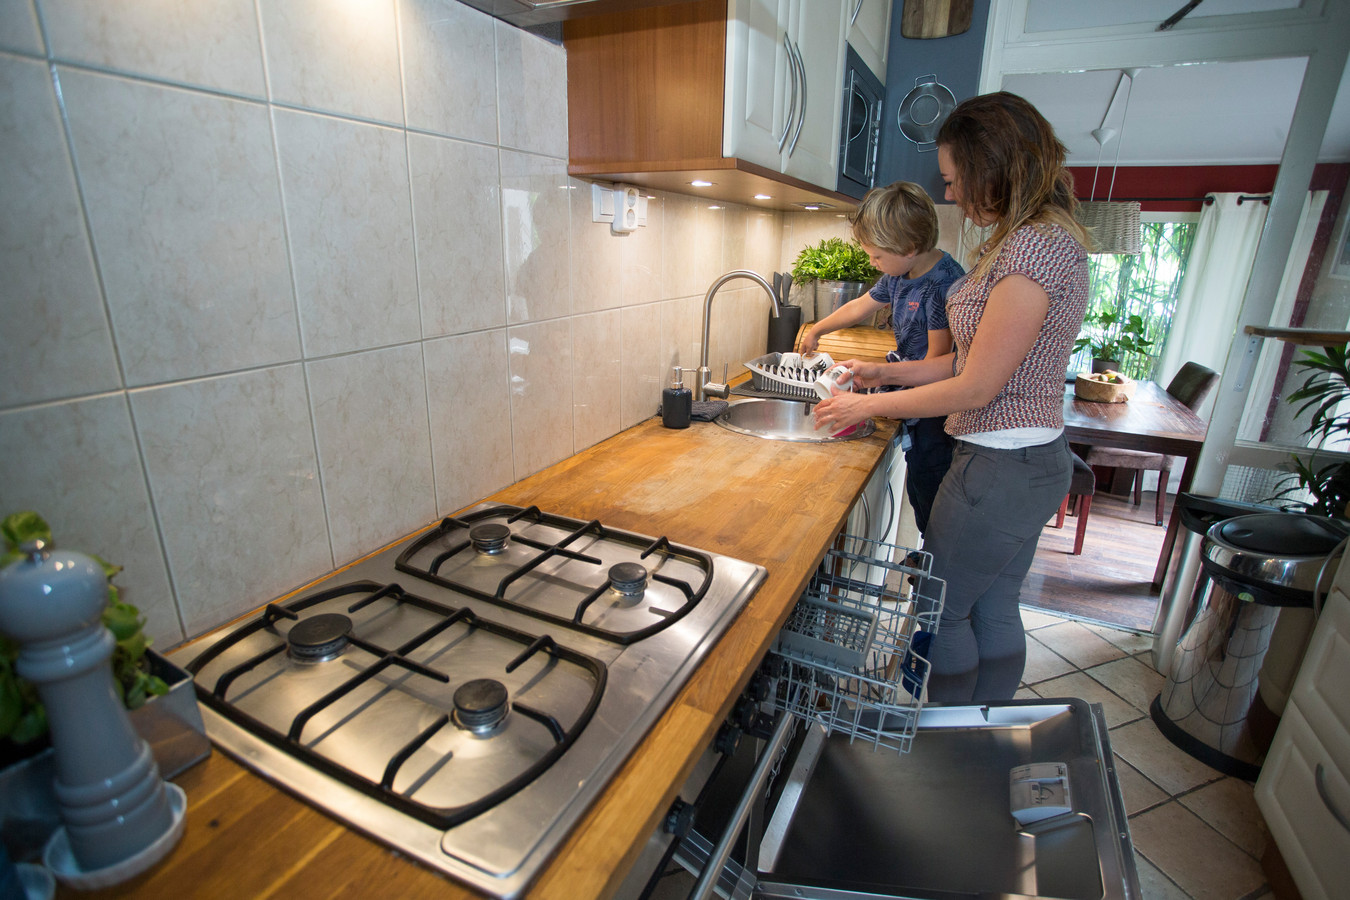 Eline Stulp en haar zoontje Dylan doen al bijna vier maanden de afwas met de hand. Liander heeft nog geen geld uitgekeerd waarmee ze de vaatwasser kunnen vervangen.